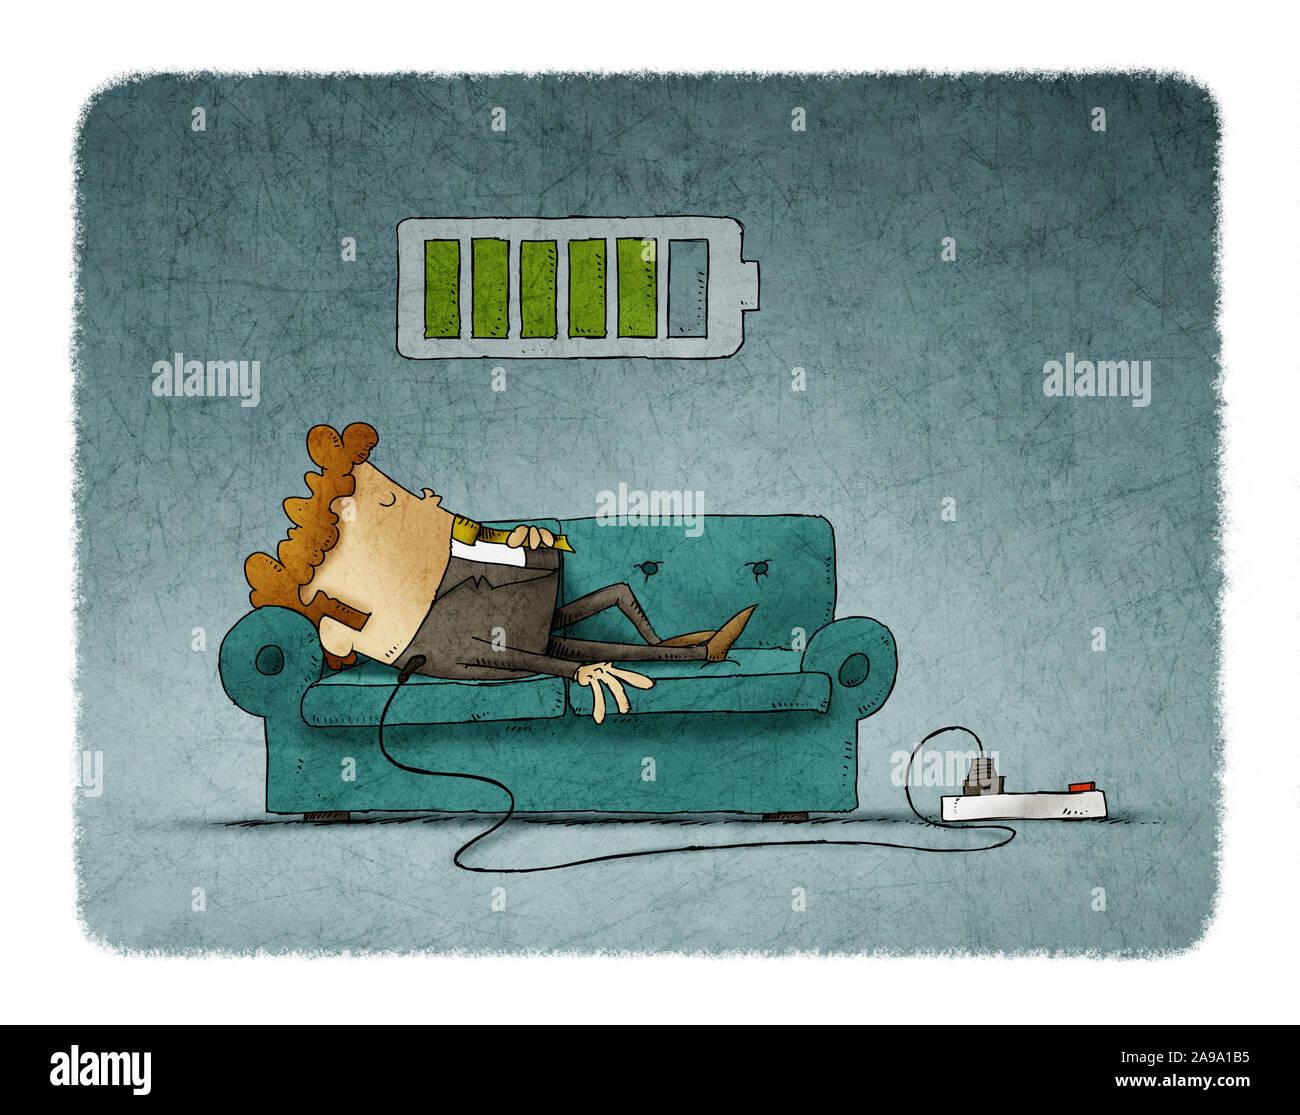 Ilustración de un empresario en el sofá está conectado a la red eléctrica mientras se recarga la energía. Concepto de recarga. Foto de stock